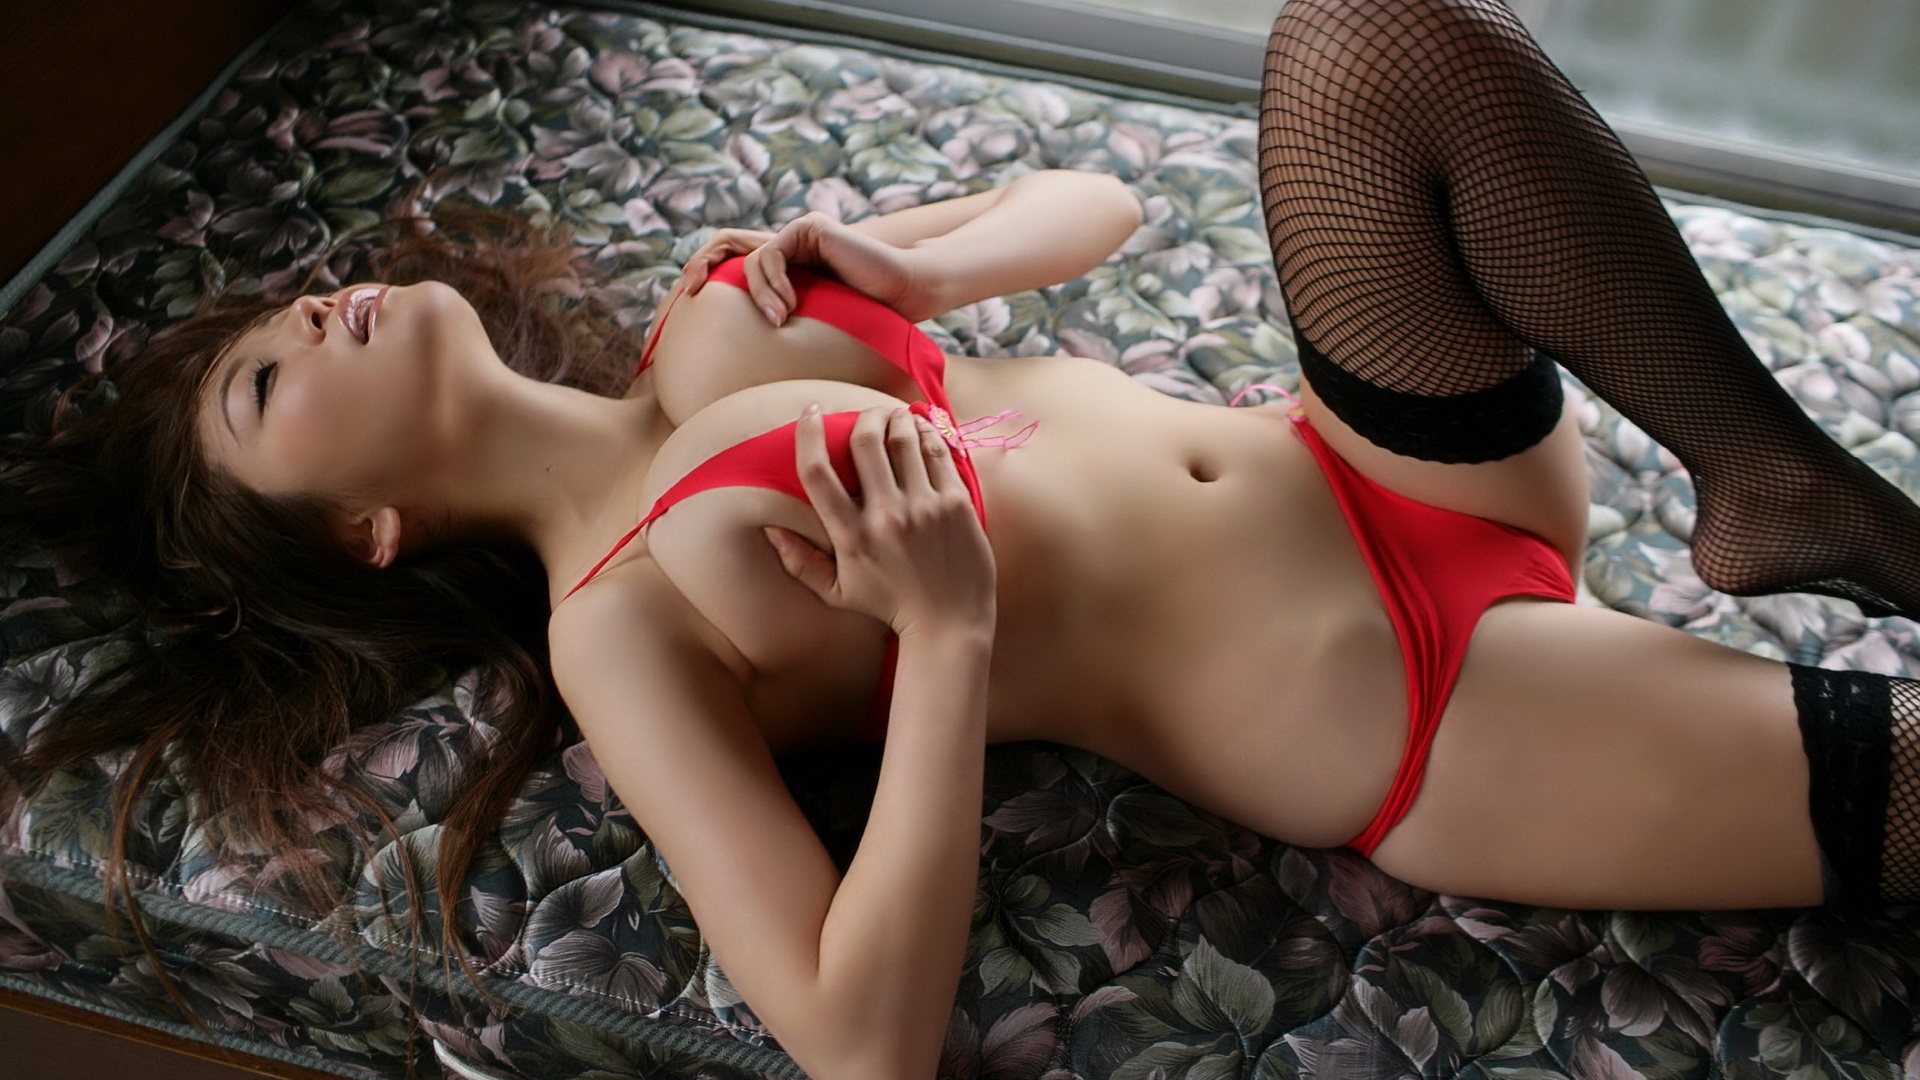 Эротика азия онлайн бесплатно в хорошем качестве 8 фотография